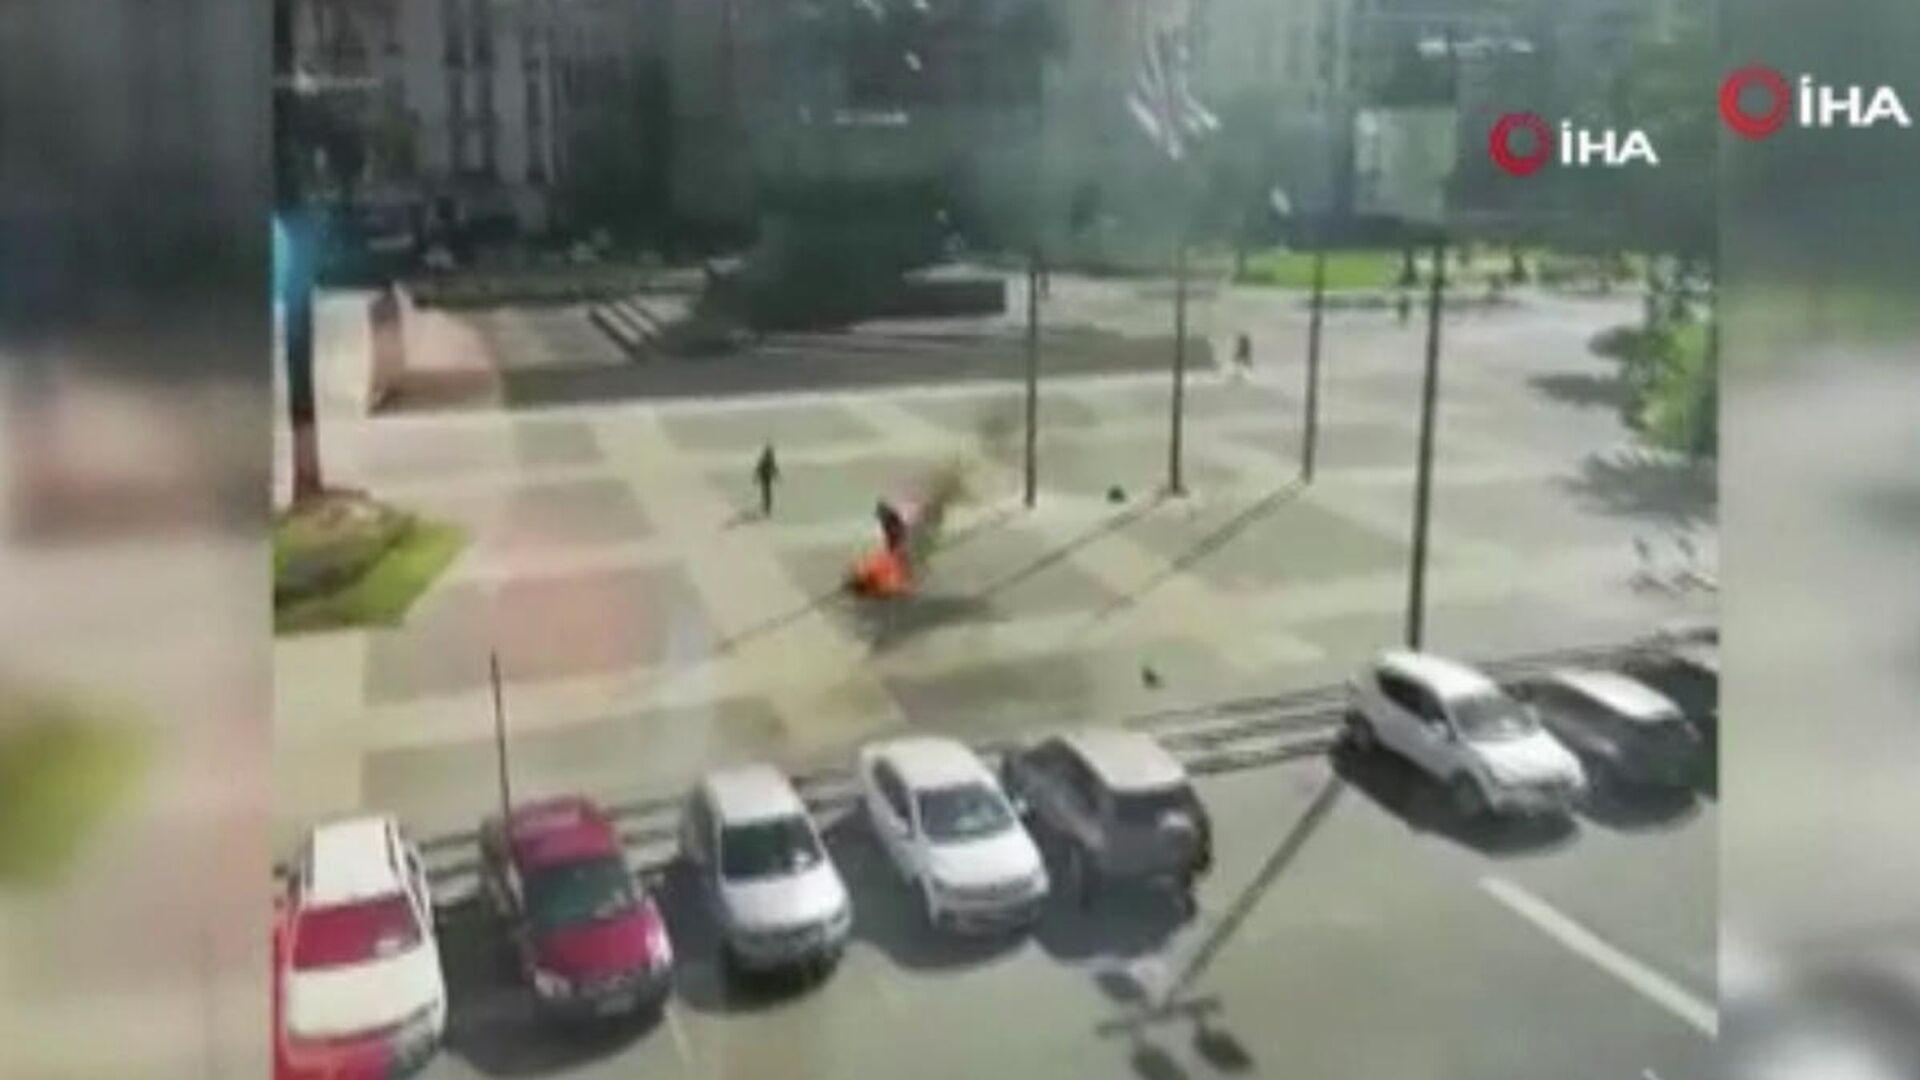 Uruguay Devlet Başkanlığı binası önünde bir kişi kendisini ateşe verdi - Sputnik Türkiye, 1920, 23.09.2021